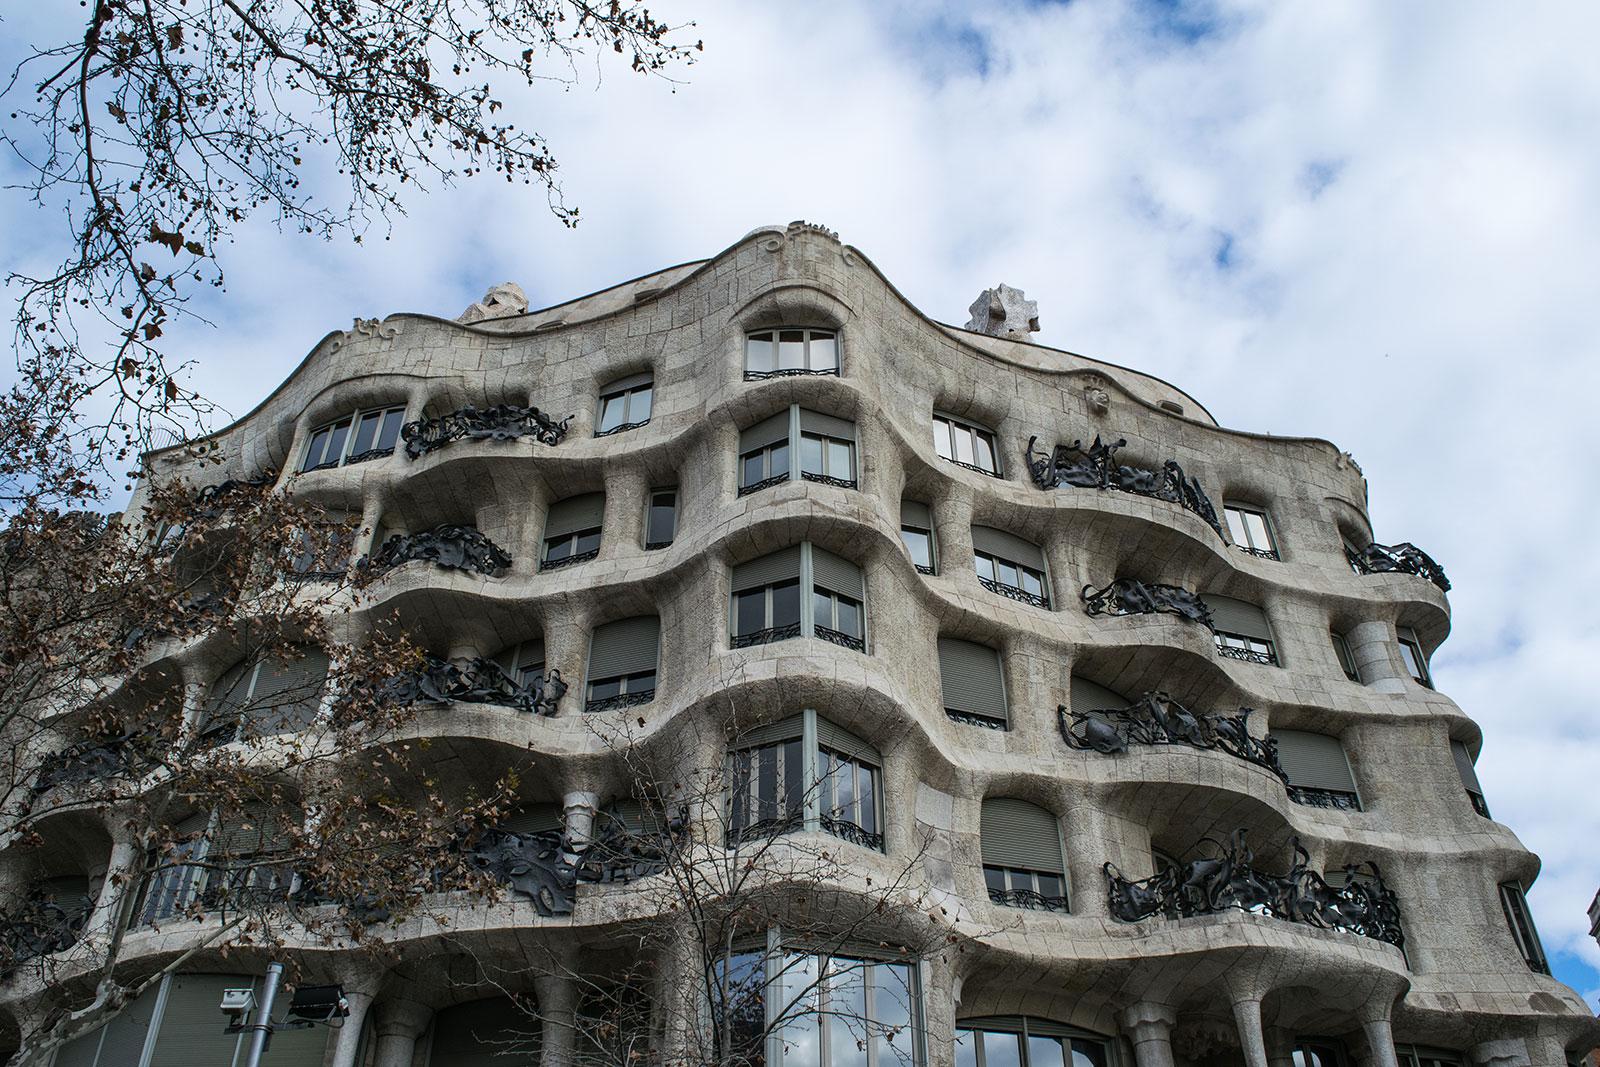 Bezienswaardigheden van Barcelona - Casa Mila